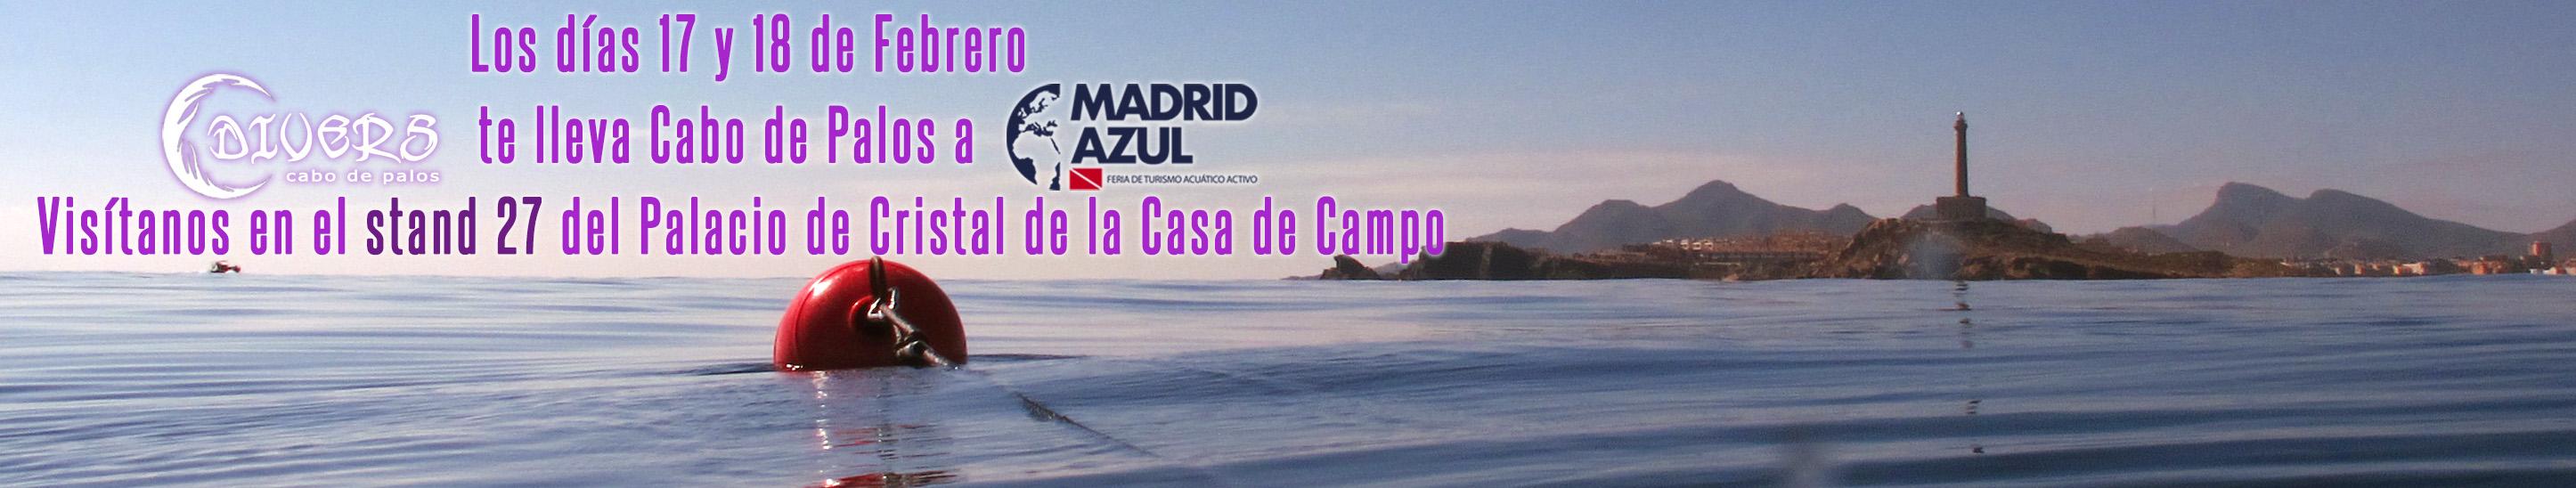 Divers Cabo de Palos en la feria de buceo Madrid Azul